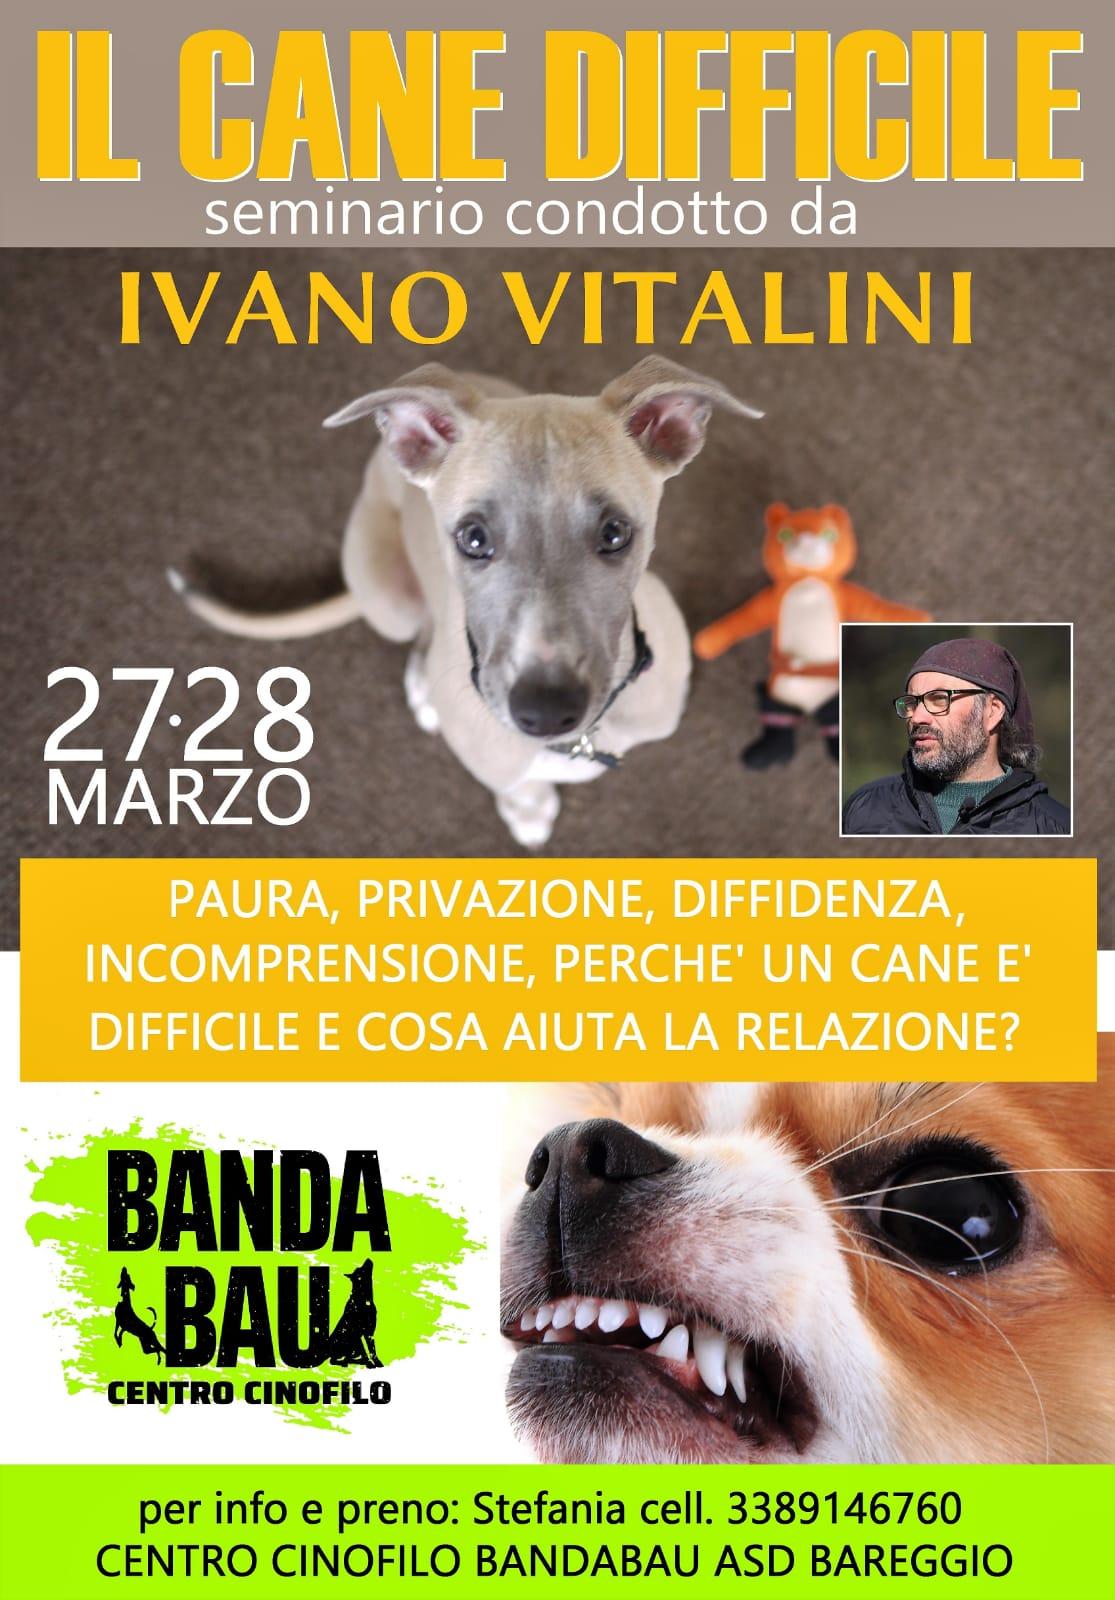 MILANO 27, 28 Marzo 2021 - Il cane difficile con Ivano Vitalini